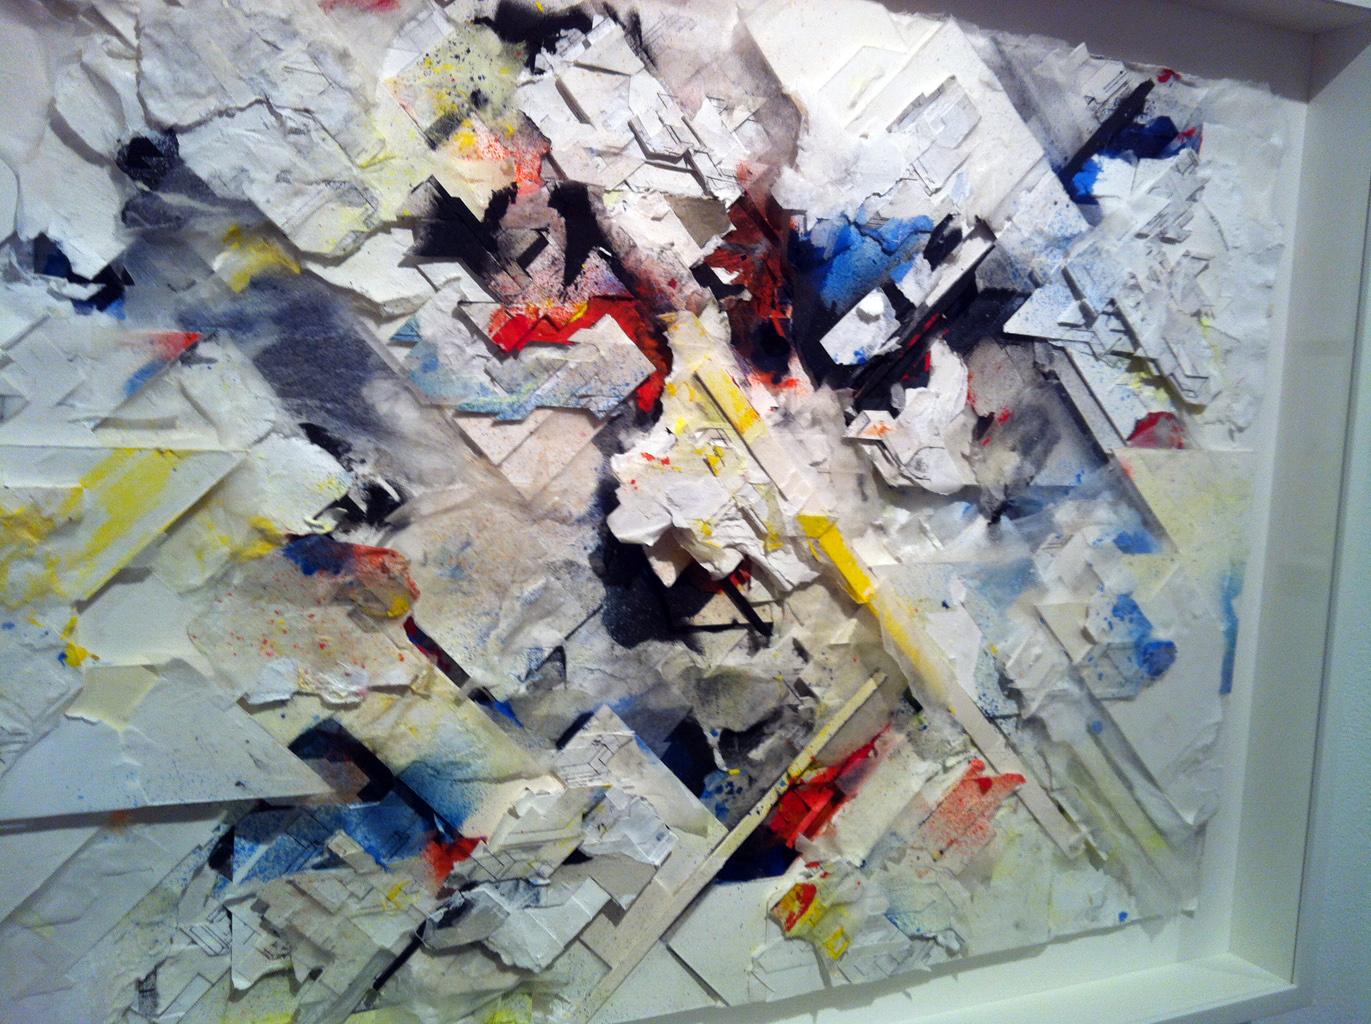 boris-delta-tellegen-overburden-new-show-at-common-gallery-08